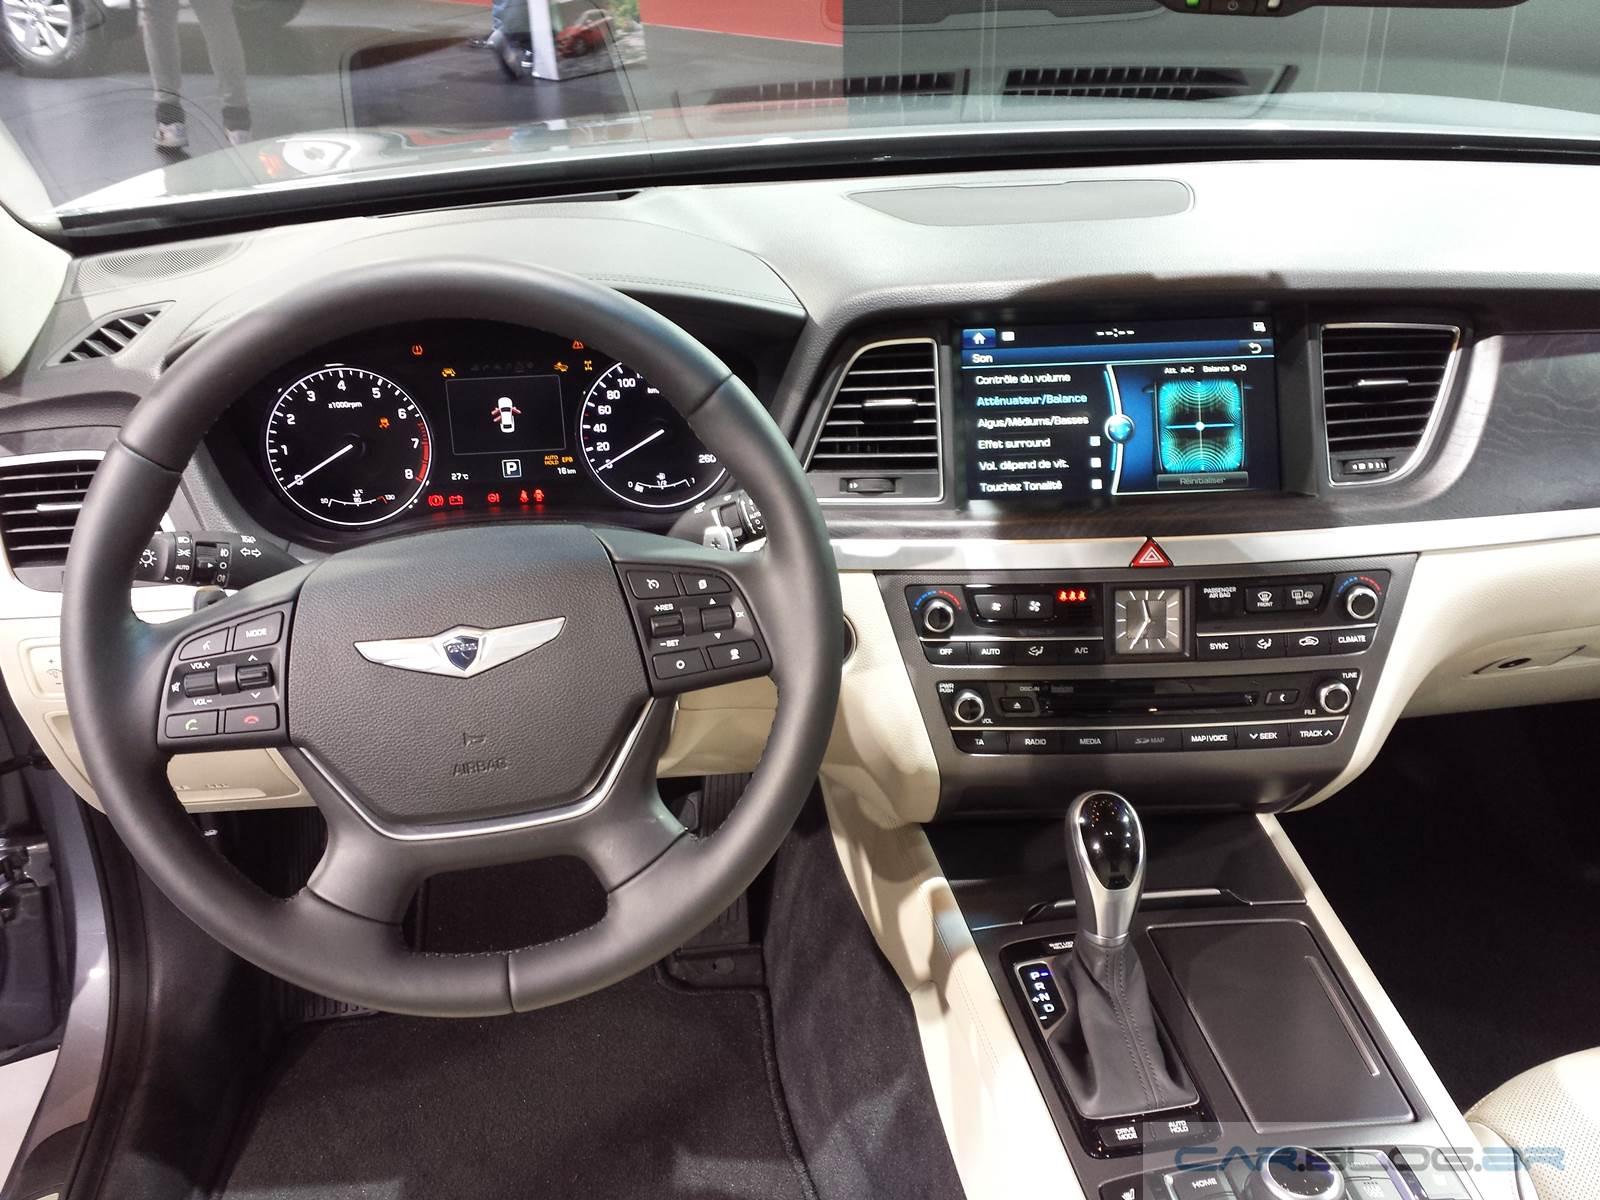 Hyundai genesis eleito quot carro de luxo do ano quot nos eua car blog br